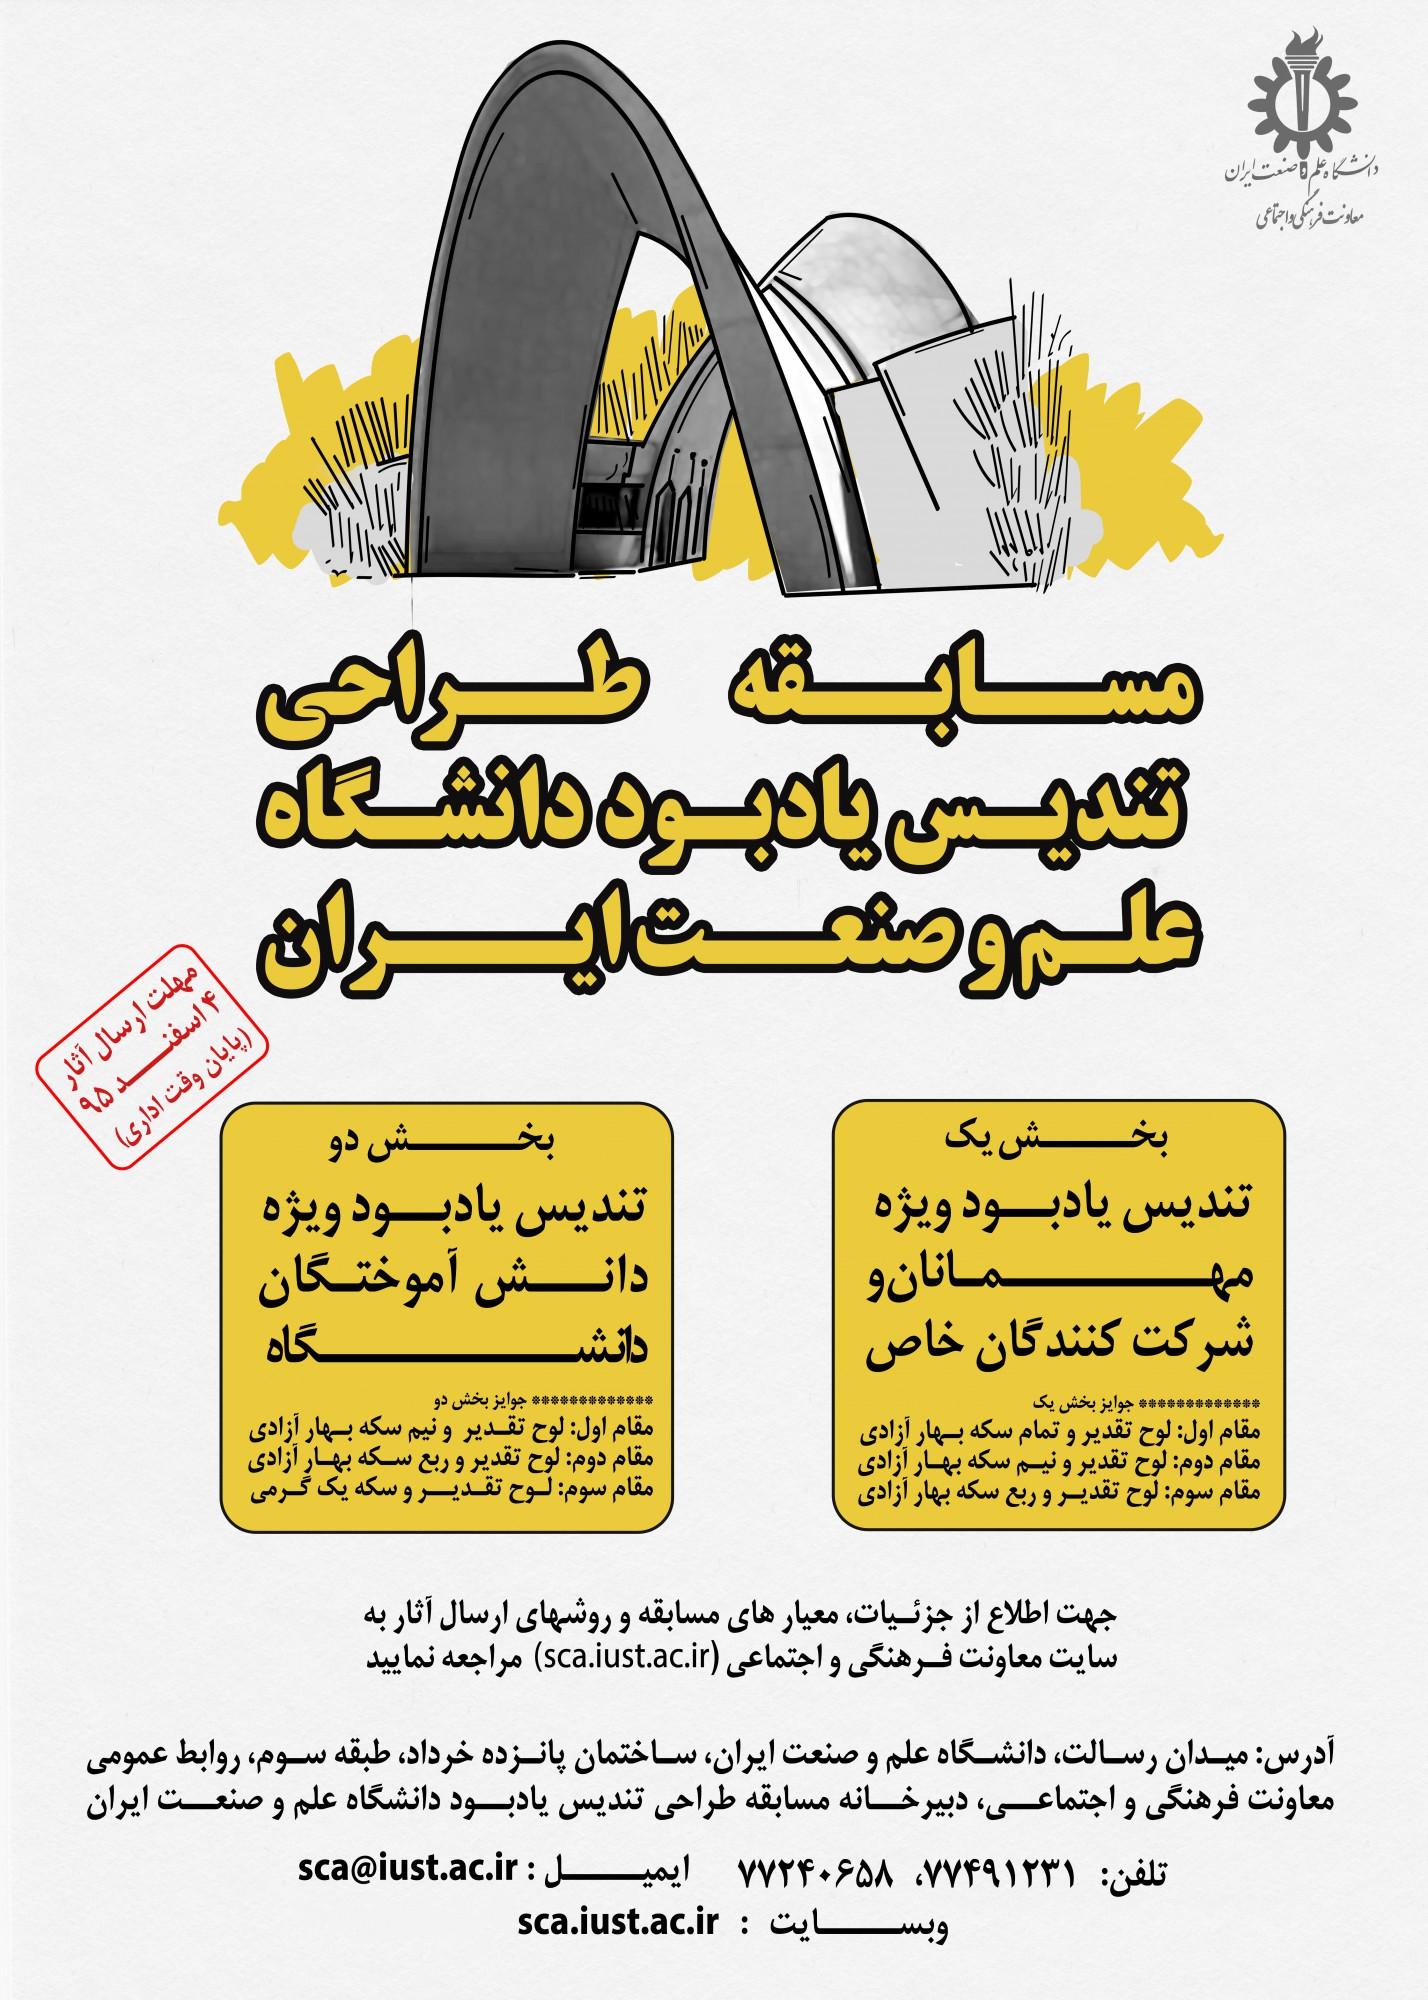 مسابقه طراحی تندیس یادبود دانشگاه علم و صنعت ایران